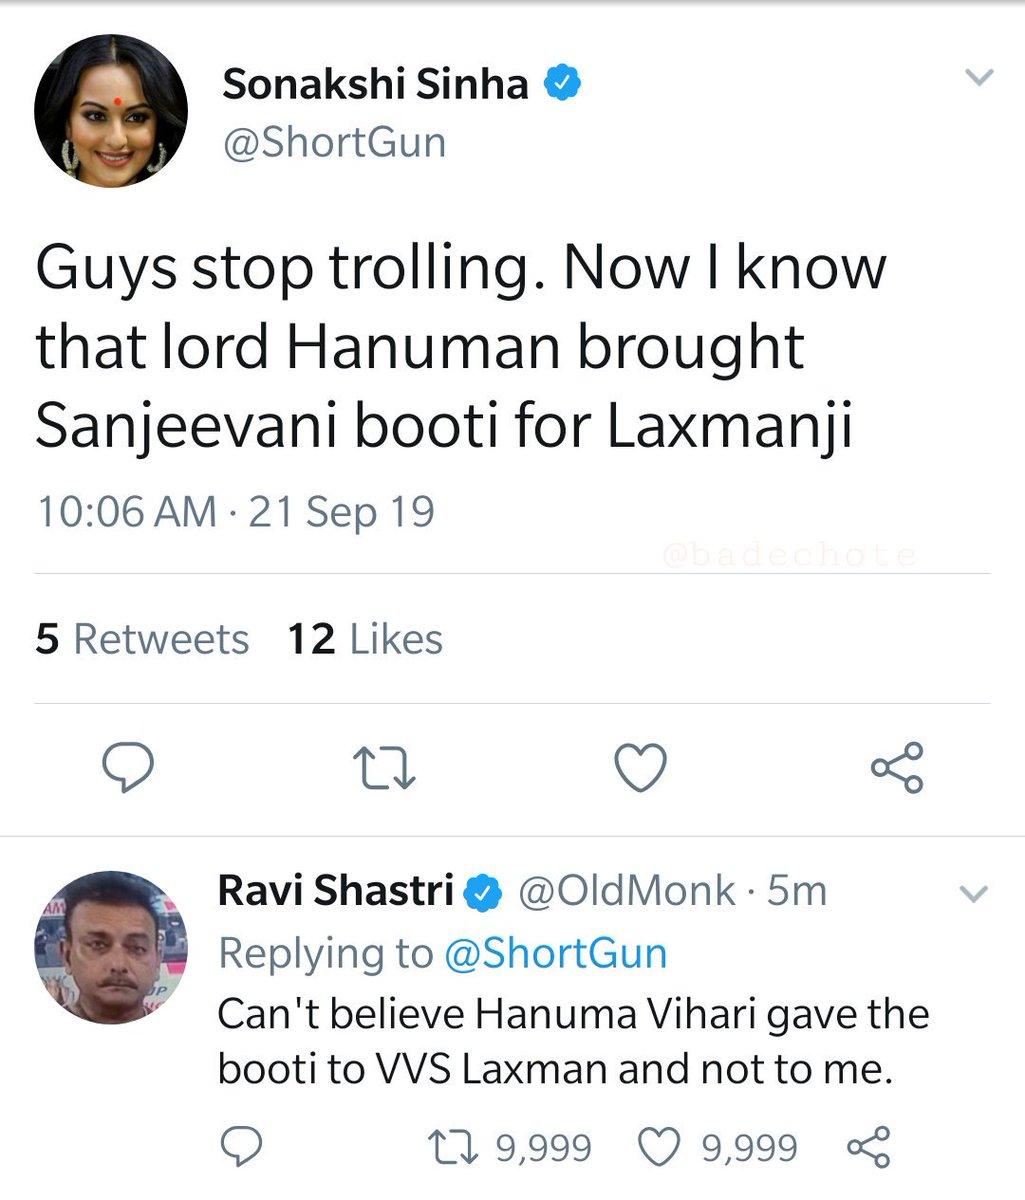 #SonakshiSinha vs #RaviShastri